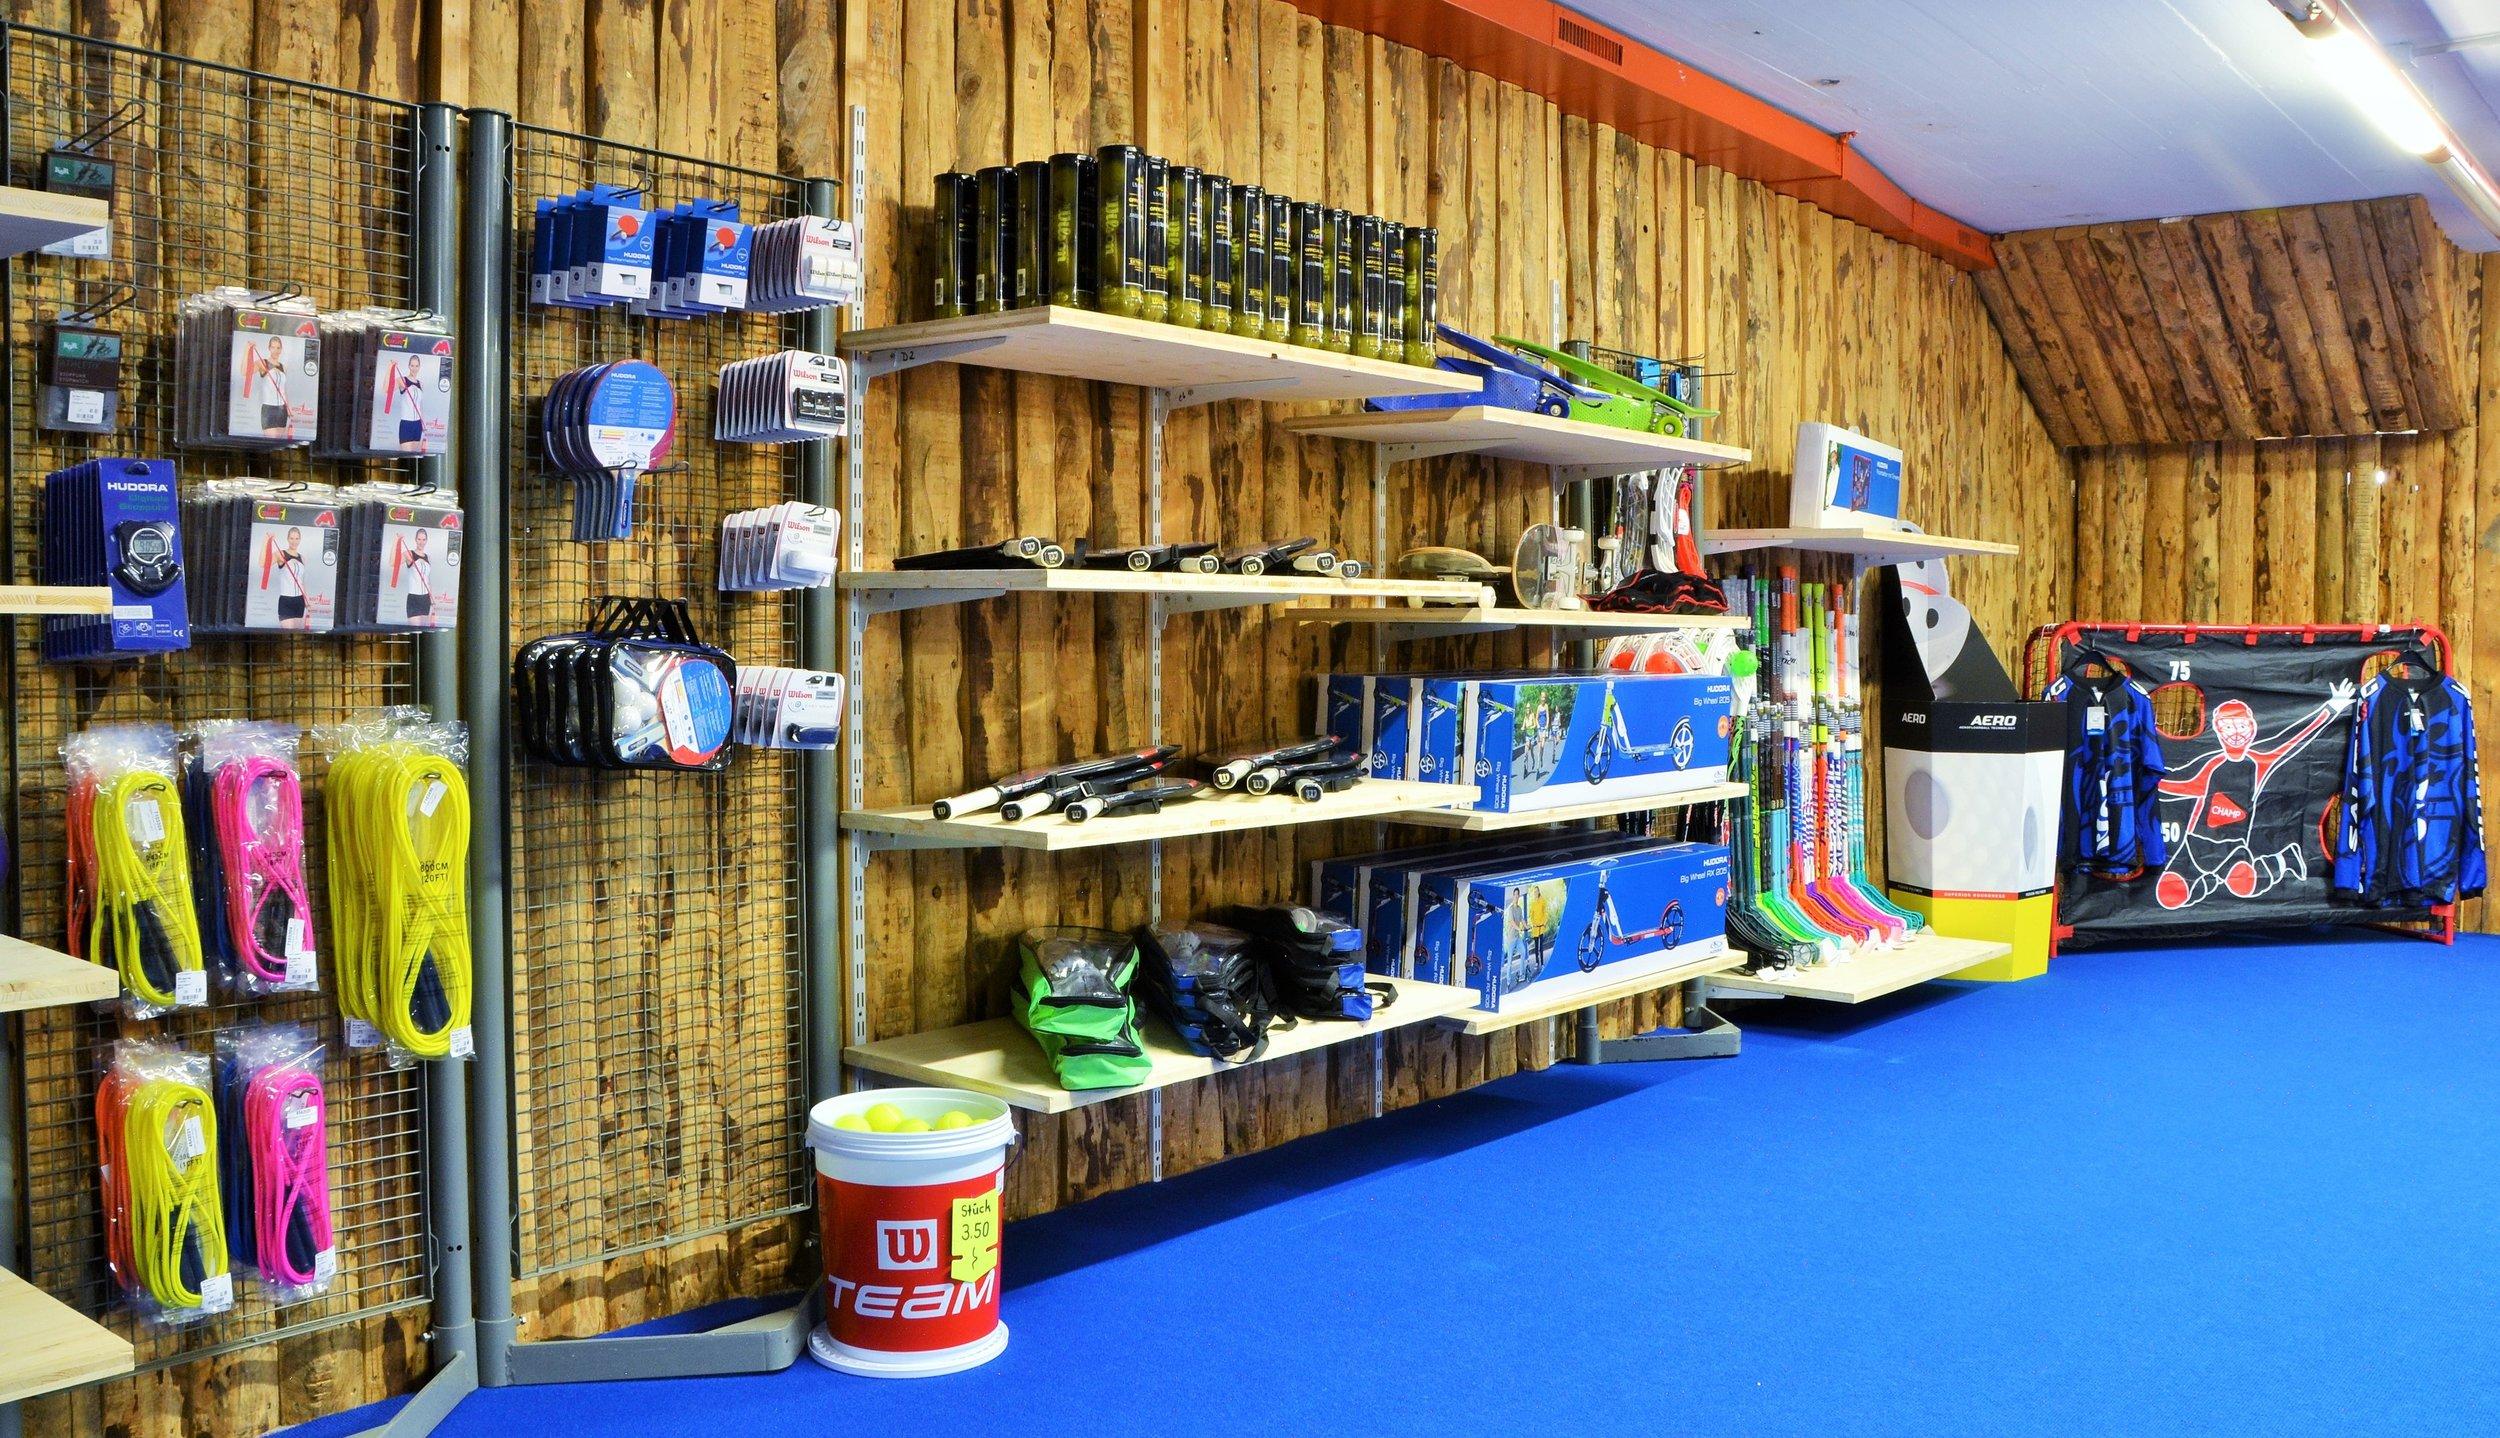 - Badeanzüge und ZubehörFitnessbekleidung und SporttaschenFussball- und HallenschuheSchlafsäcke und IsomattenTennisrackets und BälleUnihockeyschläger und ZubehörTerrabänder, Springseile und BlackrollKickboardsDiverse Bälle